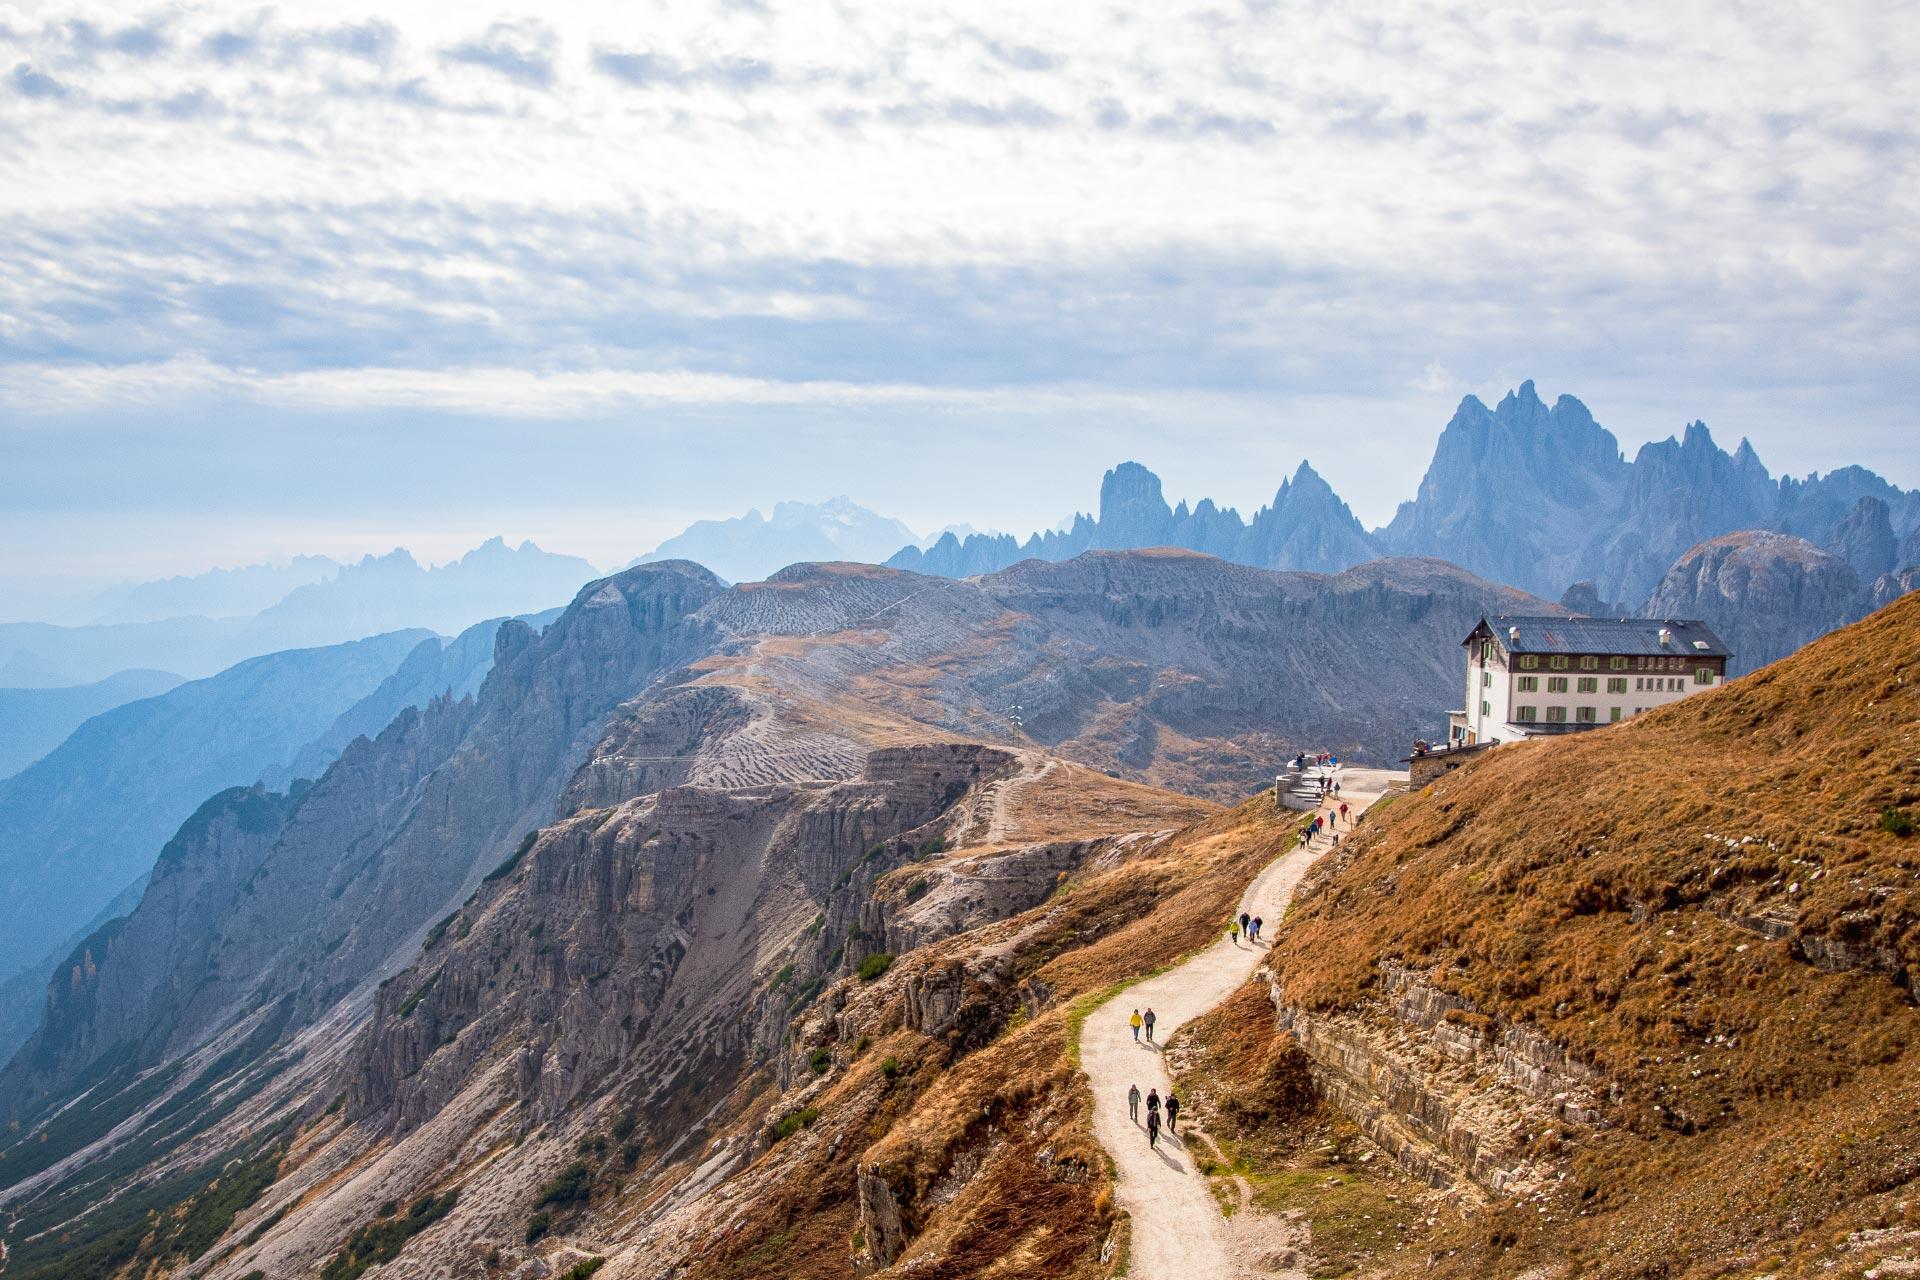 Startpunkt der Wanderung ist die Auronzo Hütte auf 2.330 Höhenmetern